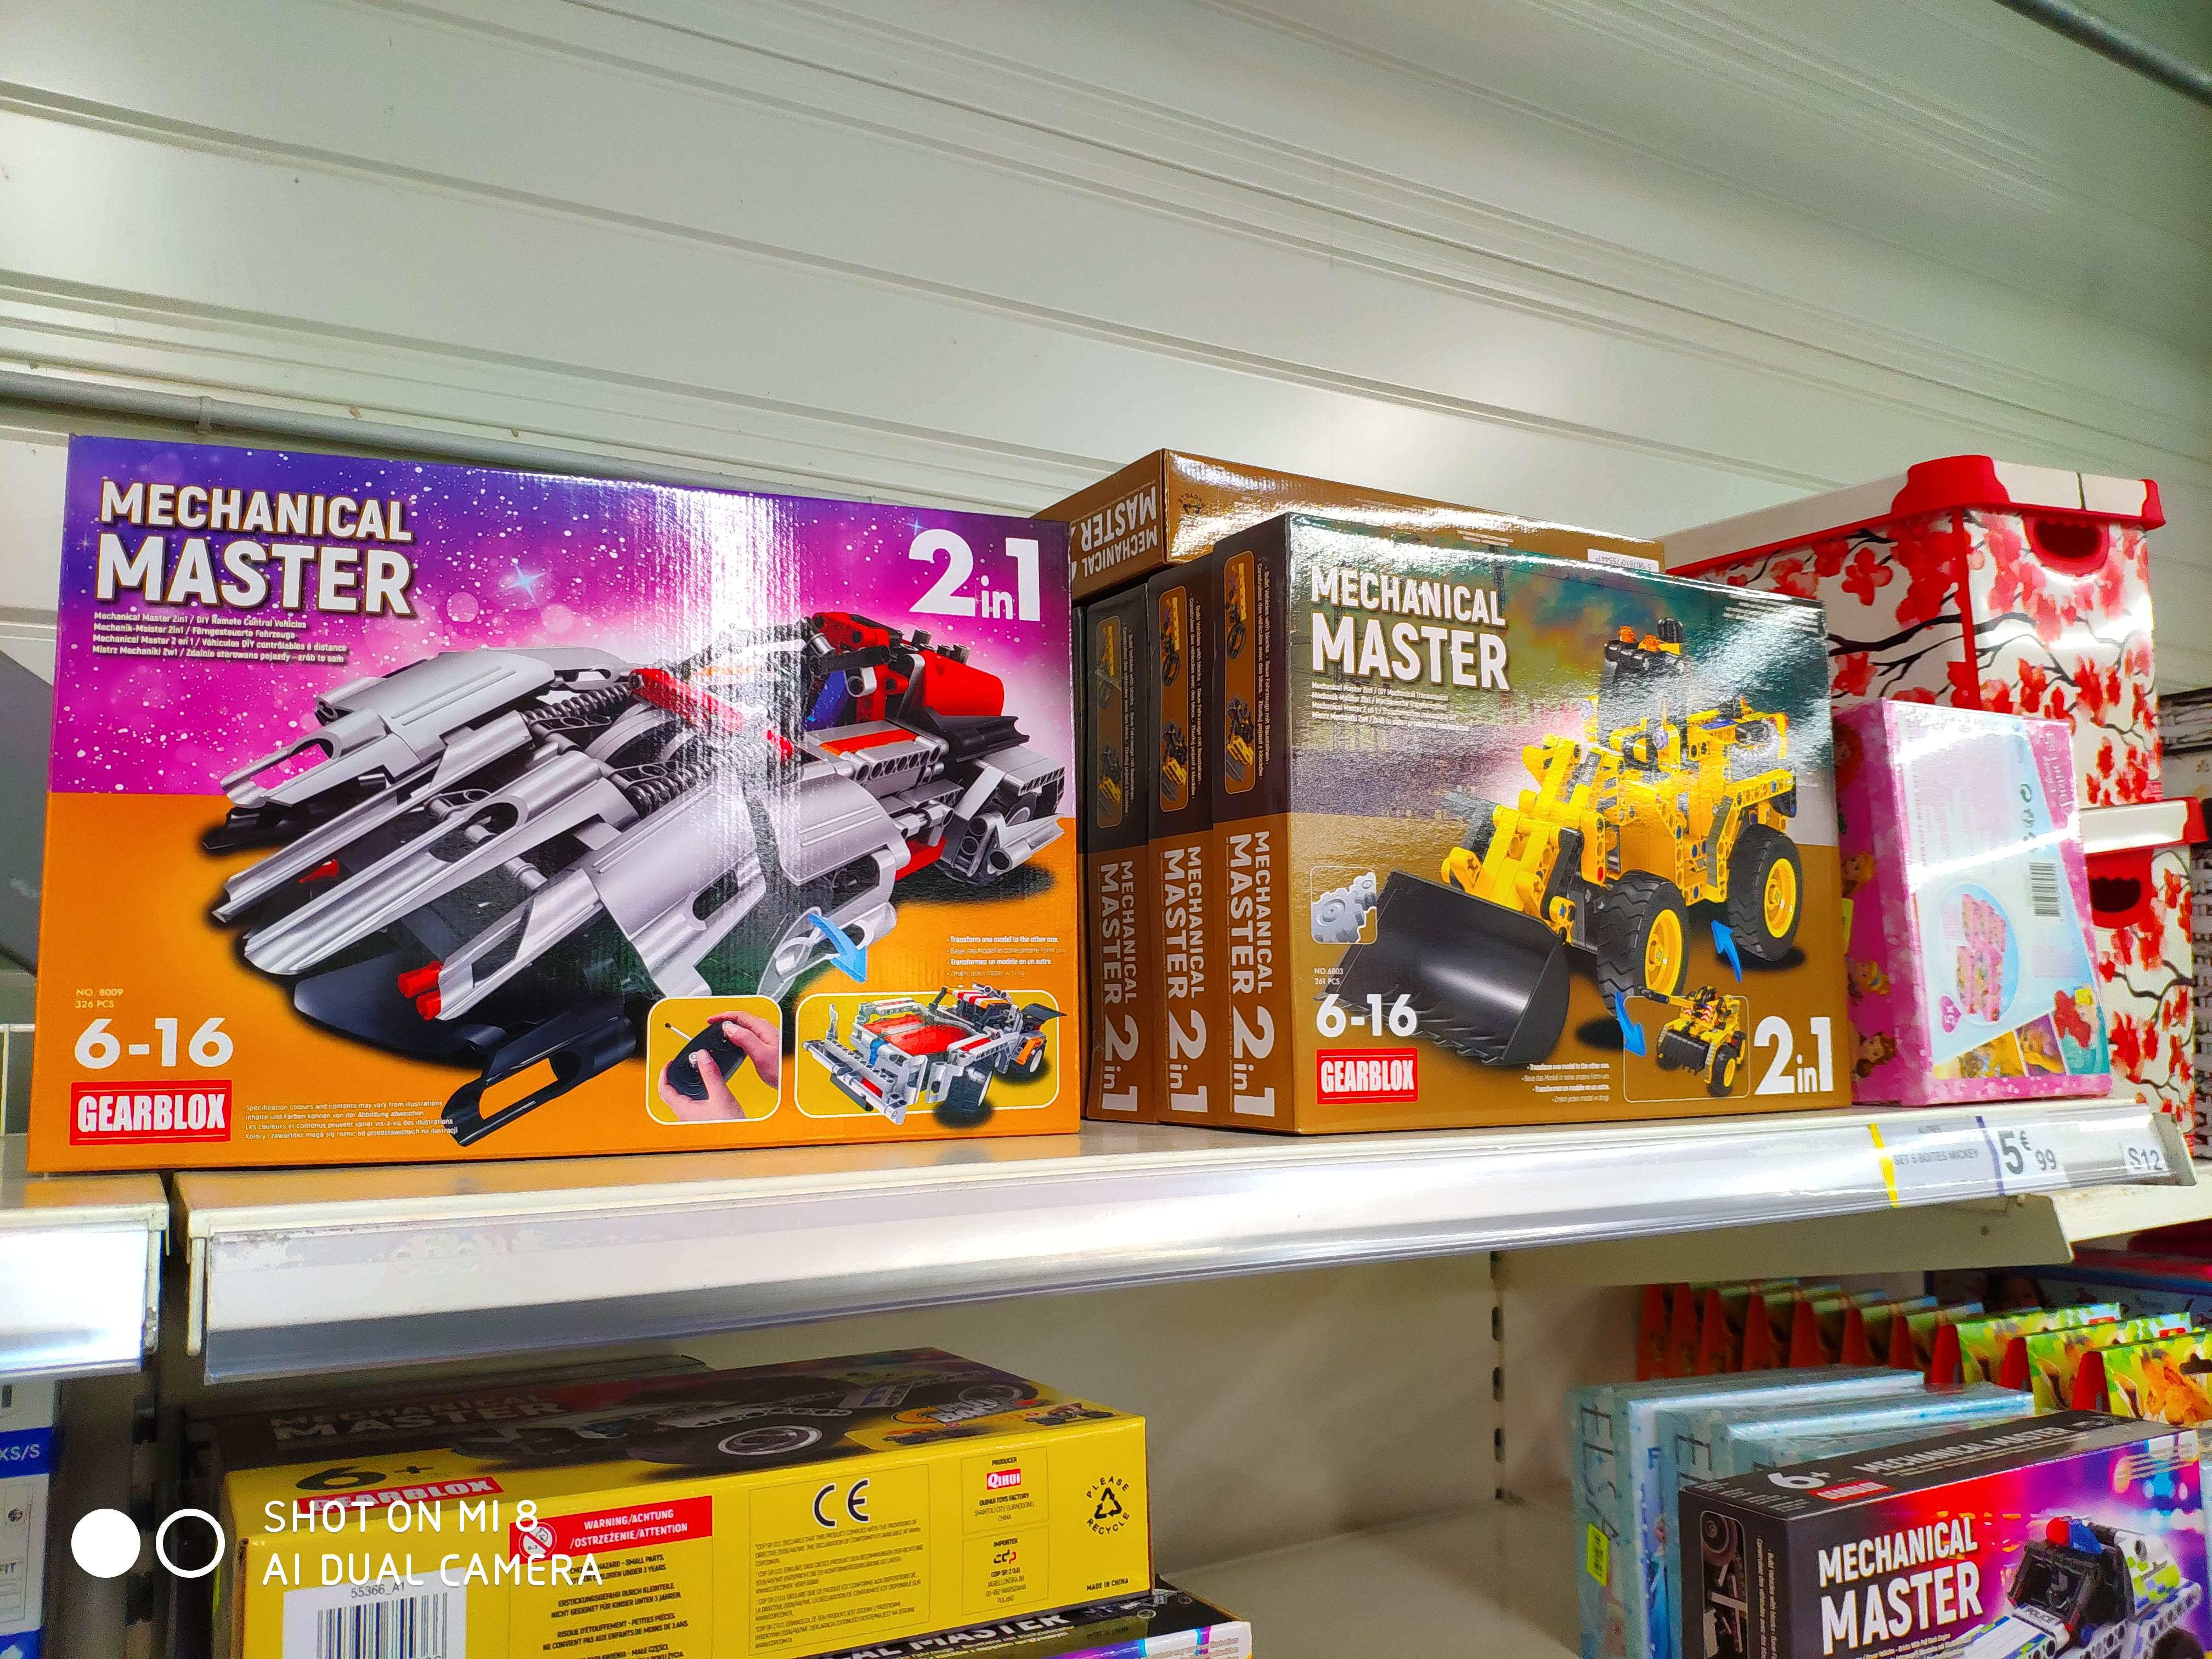 Sélection de jouets Mechanical Master - Ancenis (44)